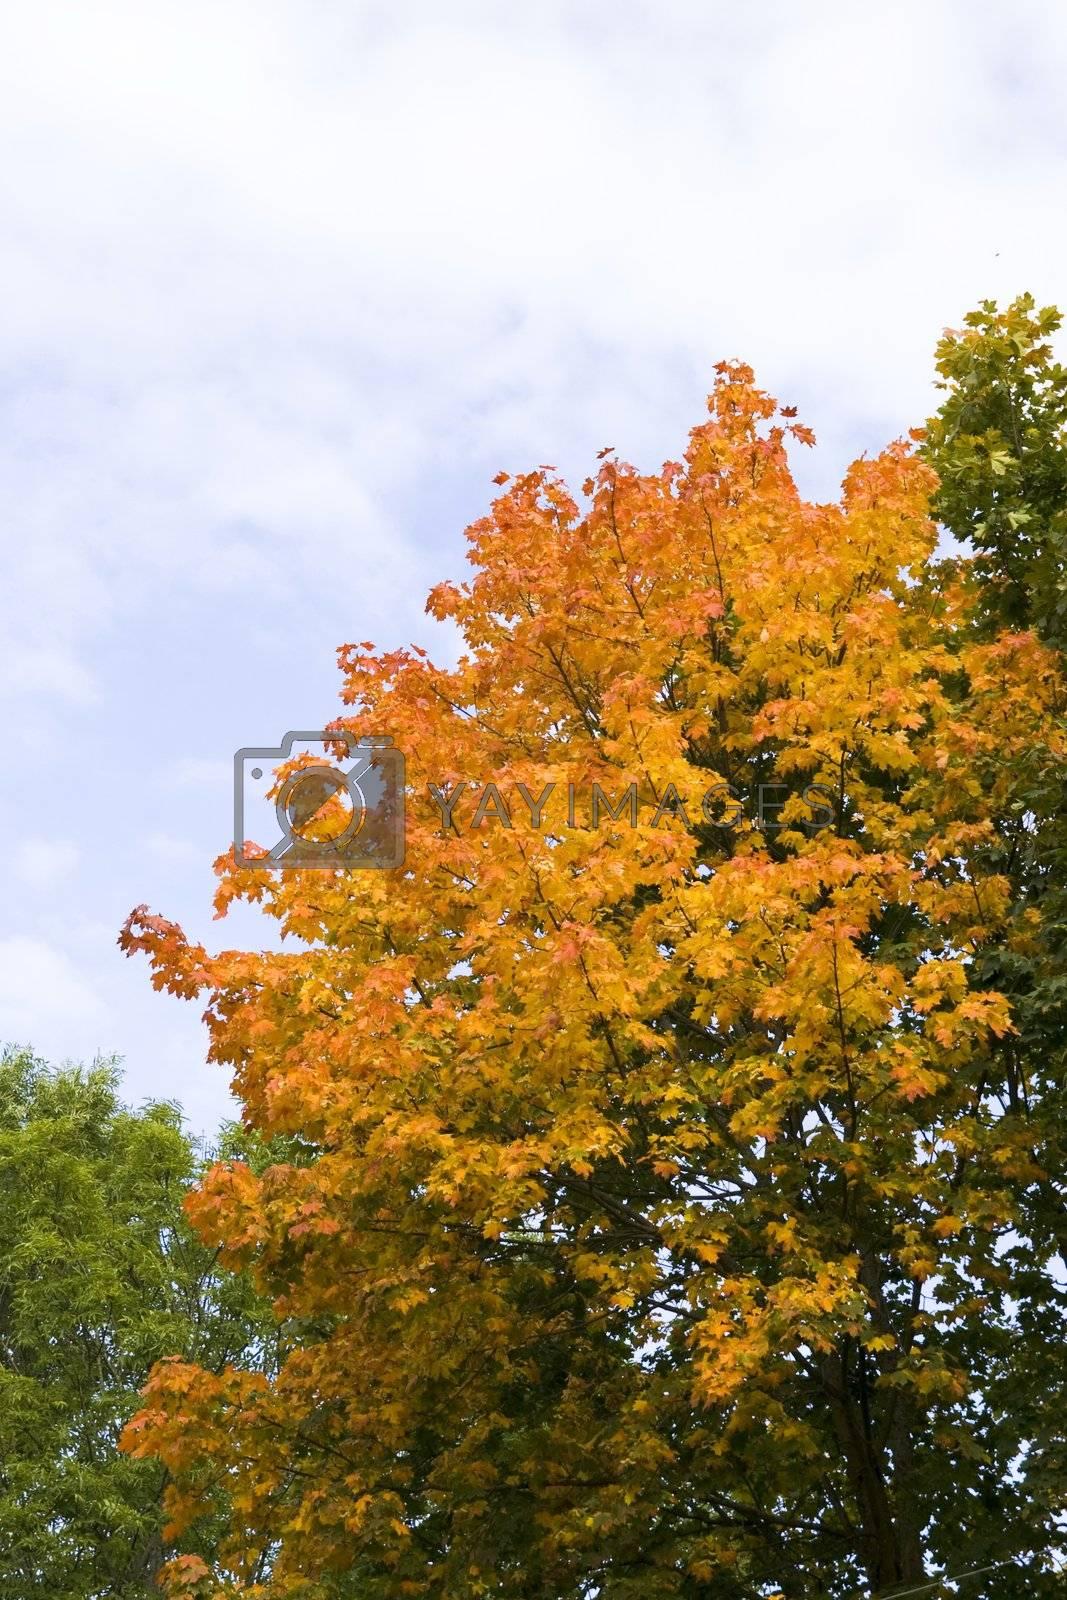 Golden tree on blue sky in autumn